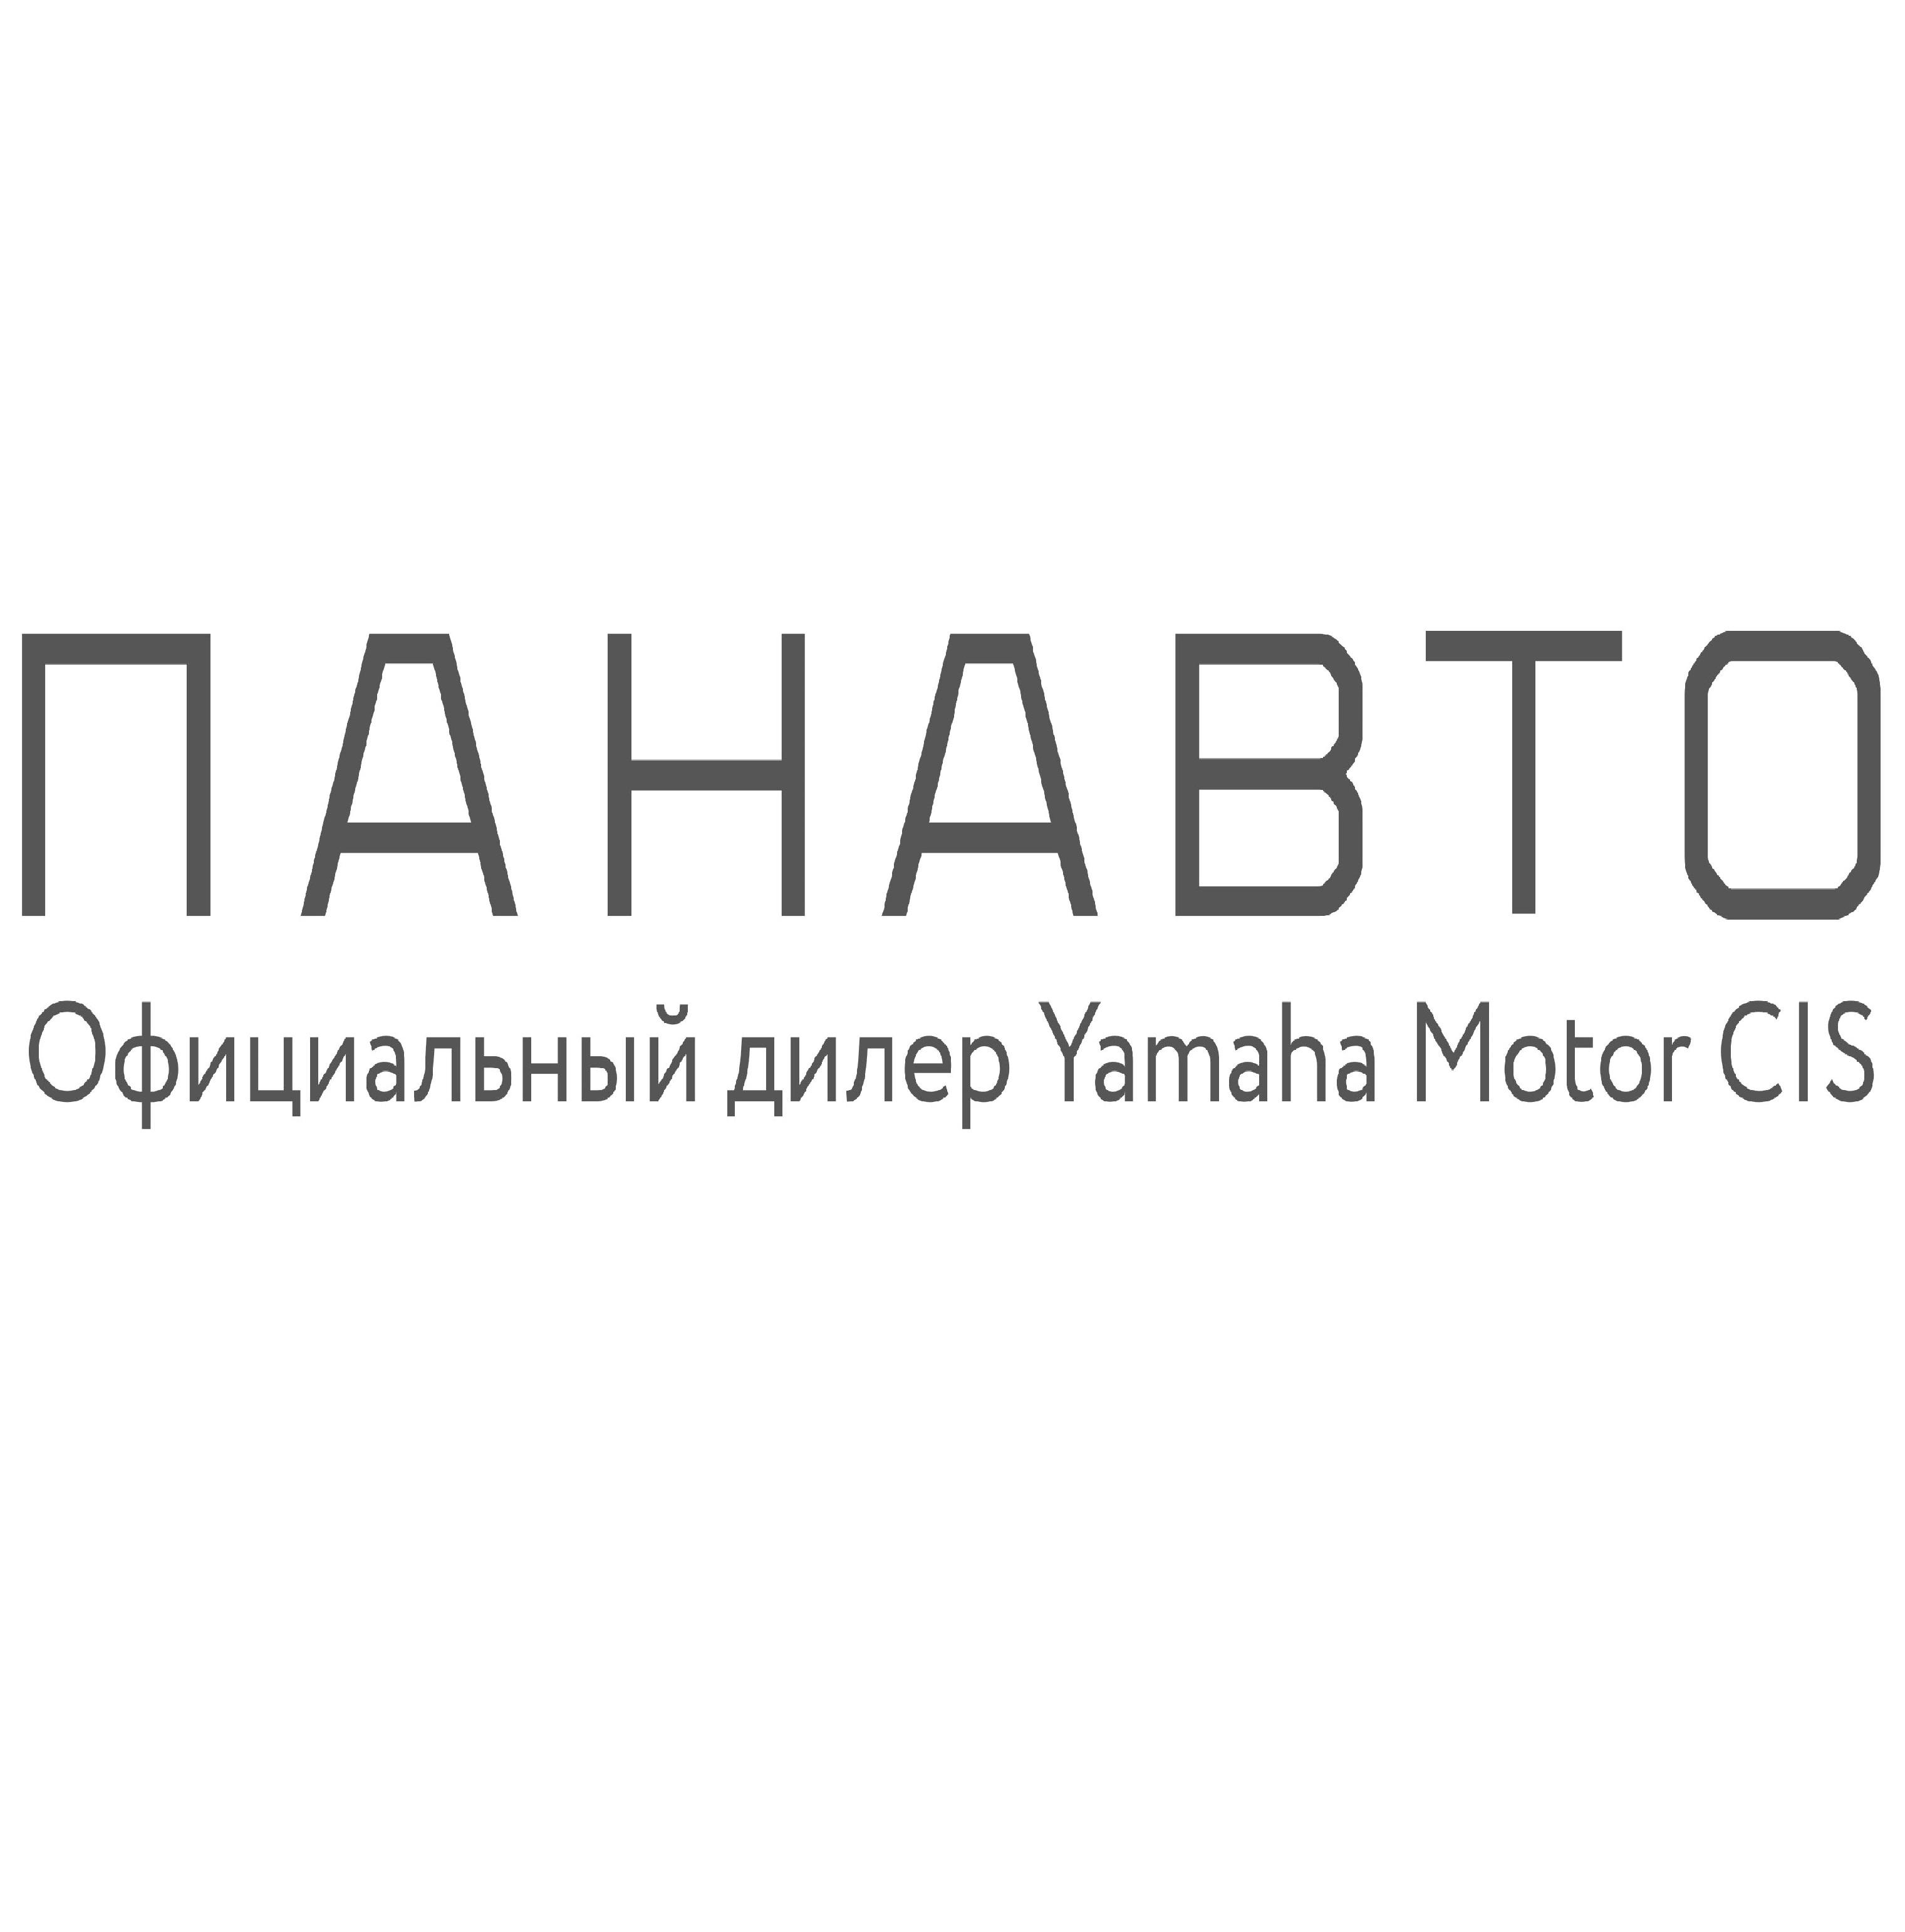 Теплообменное оборудование дилер yamaha motor cis купить теплообменник baxi main 24 fi